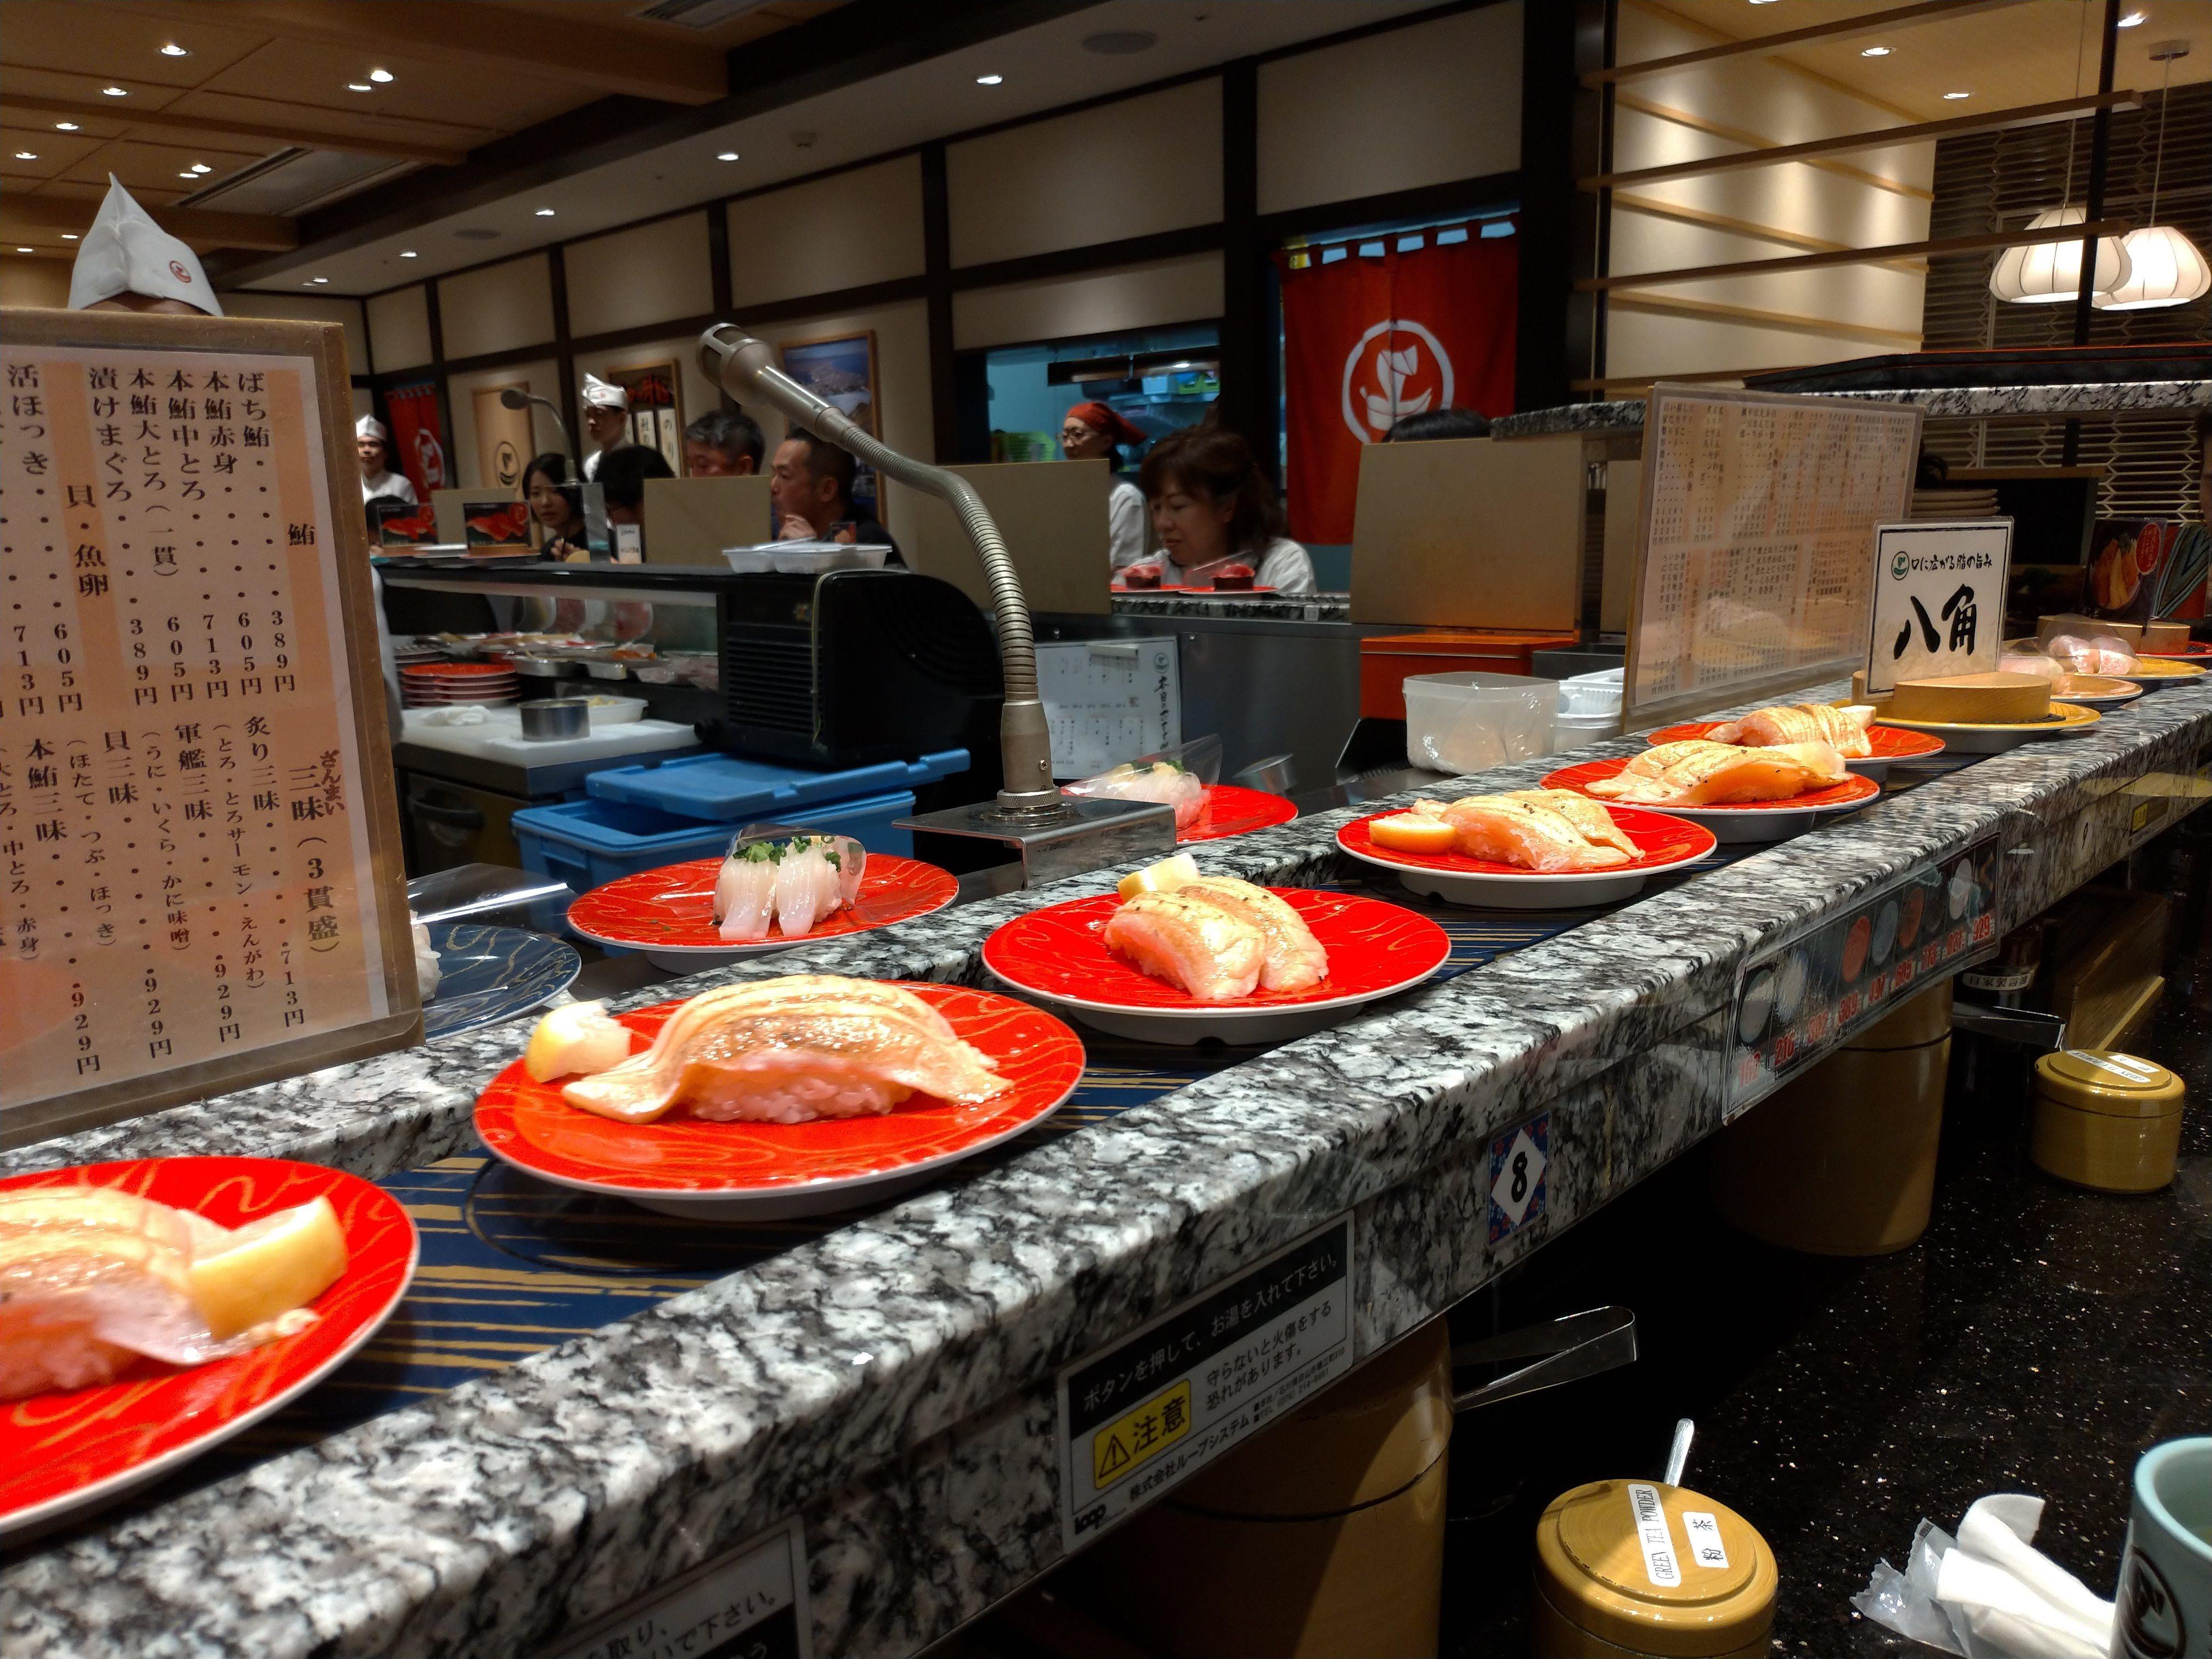 北海道でまだ回転寿司を食べていない方は新千歳空港3階函太郎に行こう 寿司 回転寿司 寿司 ランチ